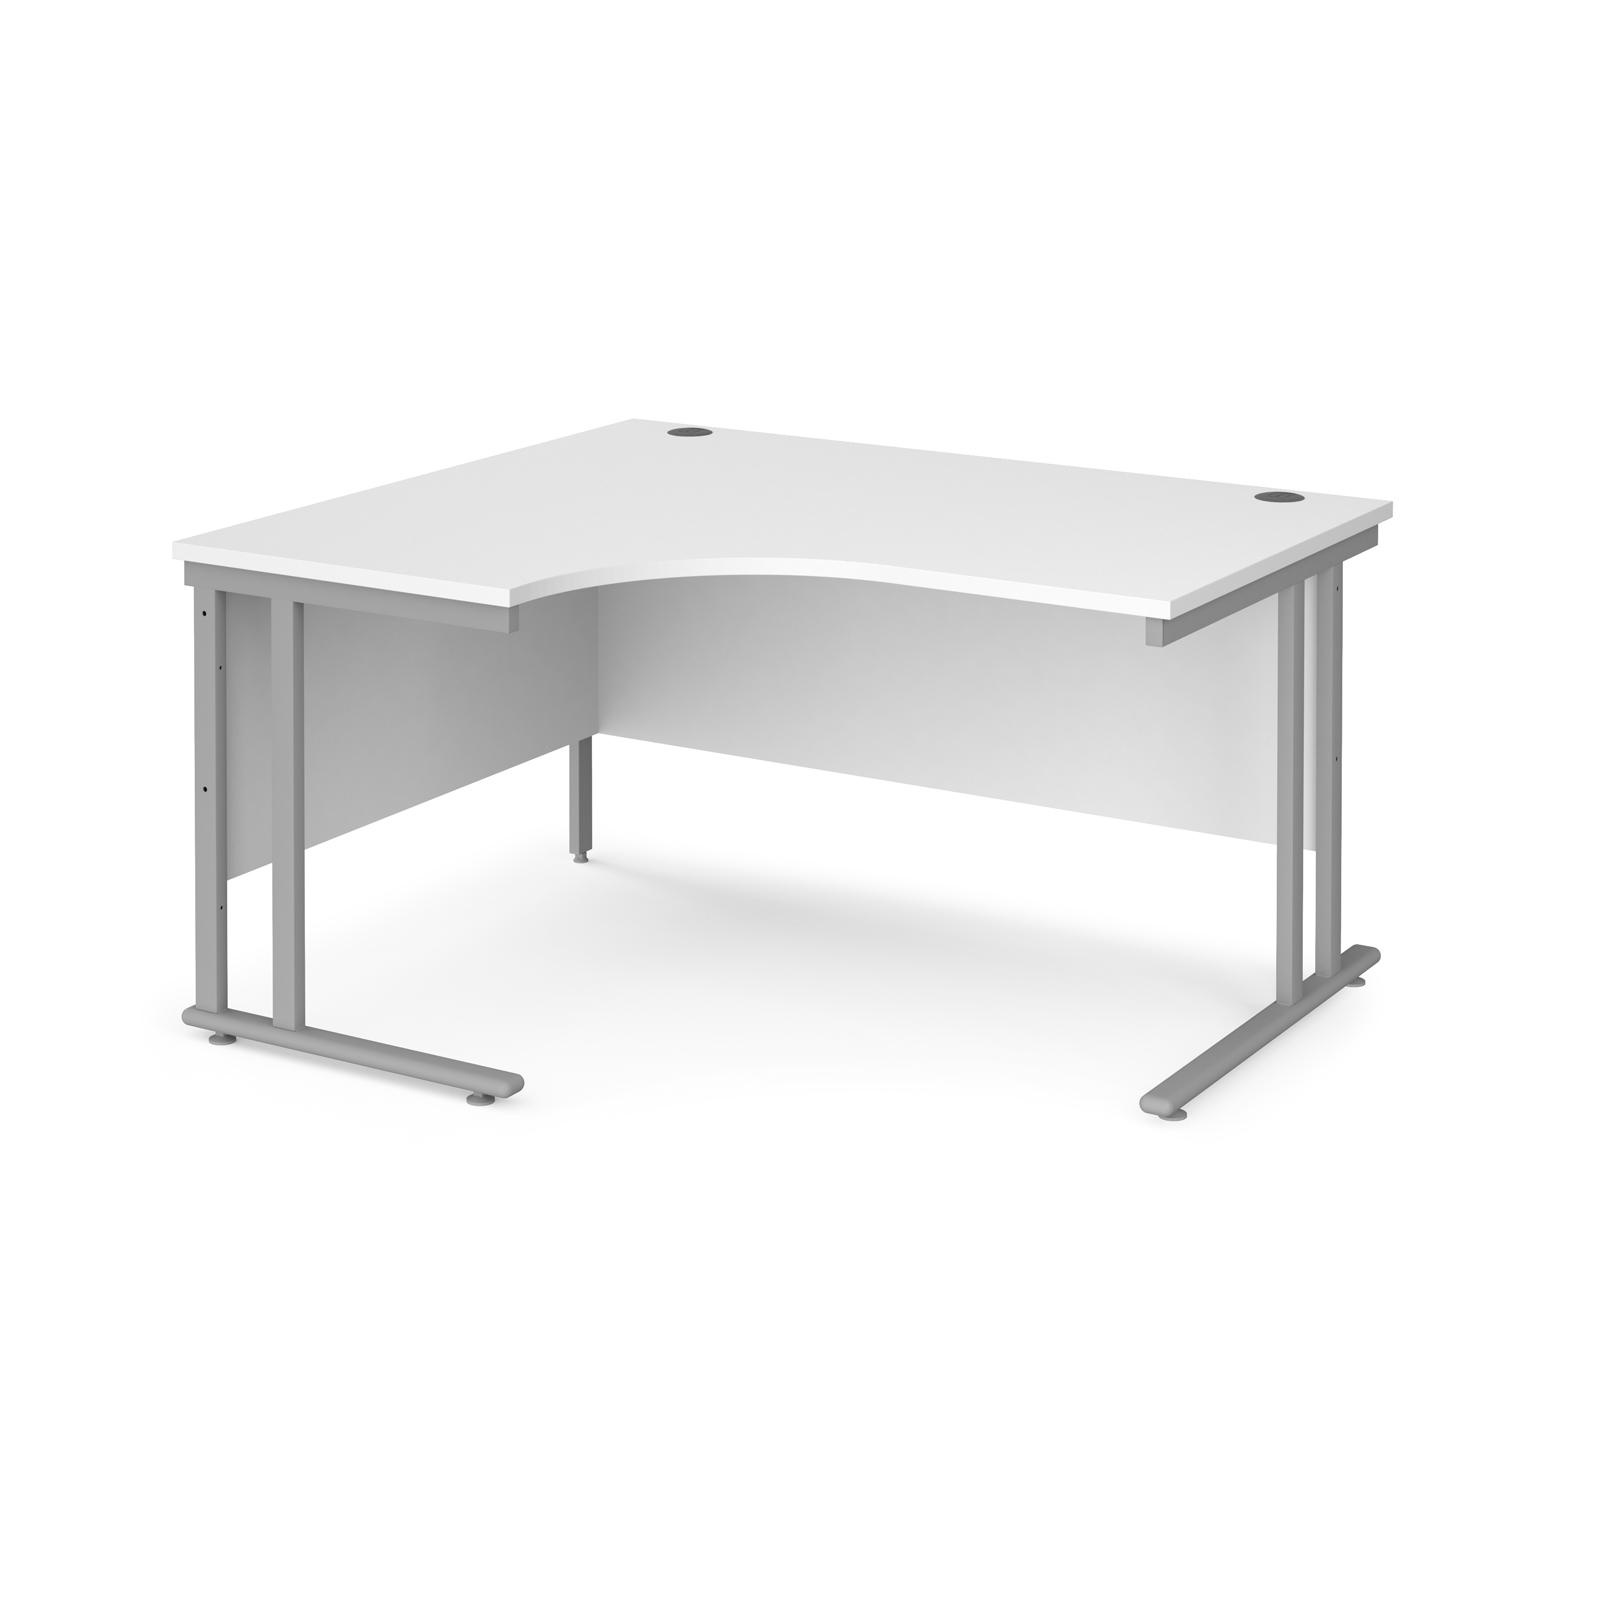 Left Handed Maestro 25 left hand ergonomic desk 1400mm wide - silver cantilever leg frame, white top